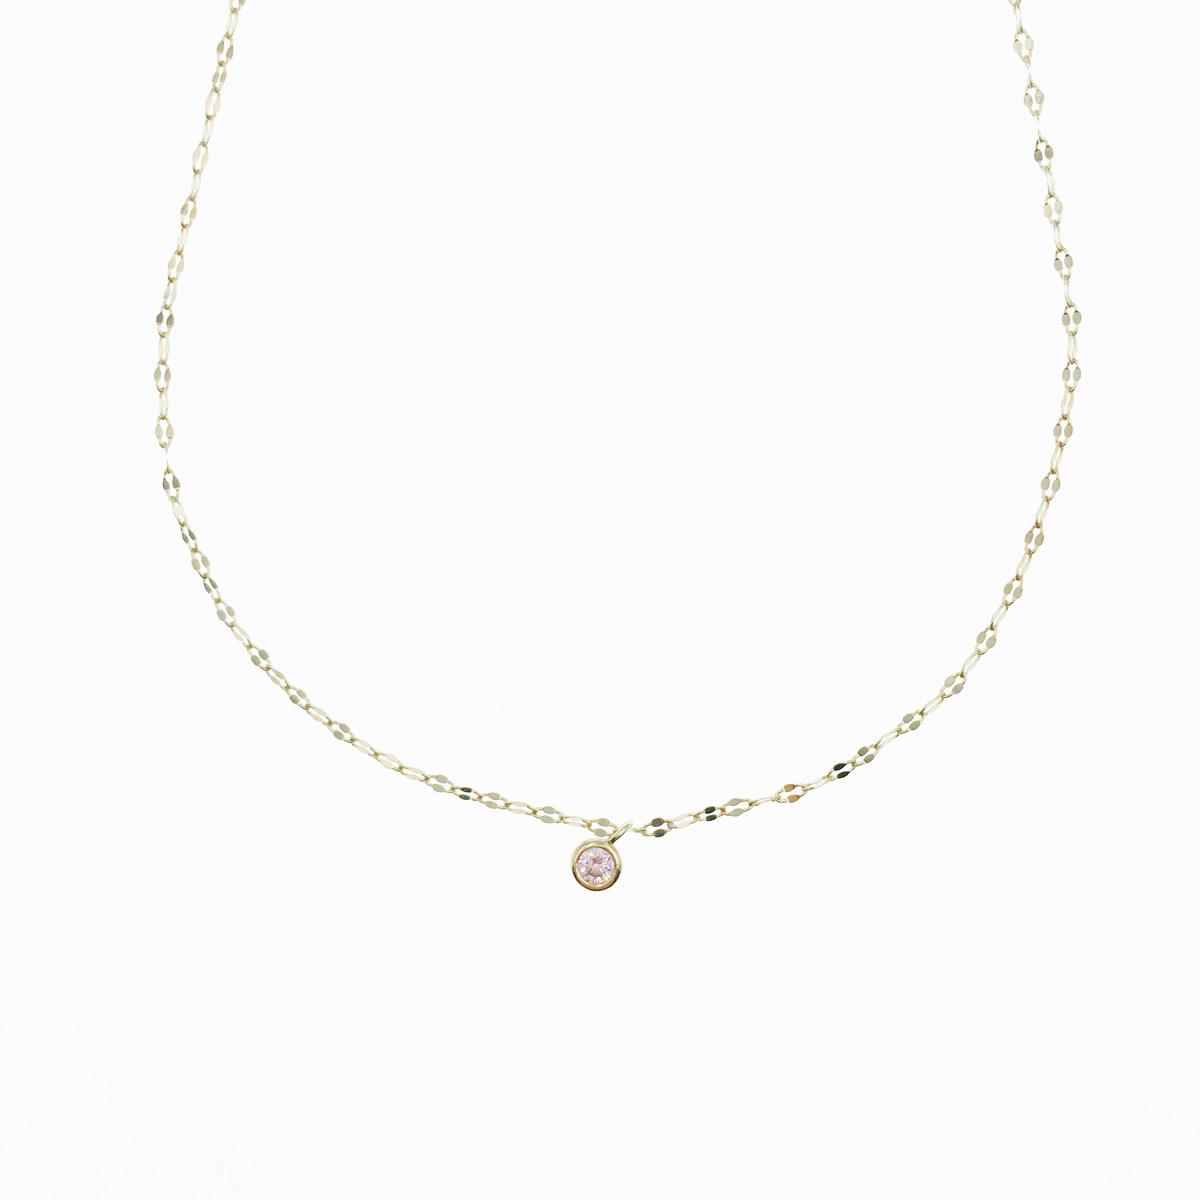 韓國 925純銀 單鑽 粉鑽 玫瑰金 質感項鍊